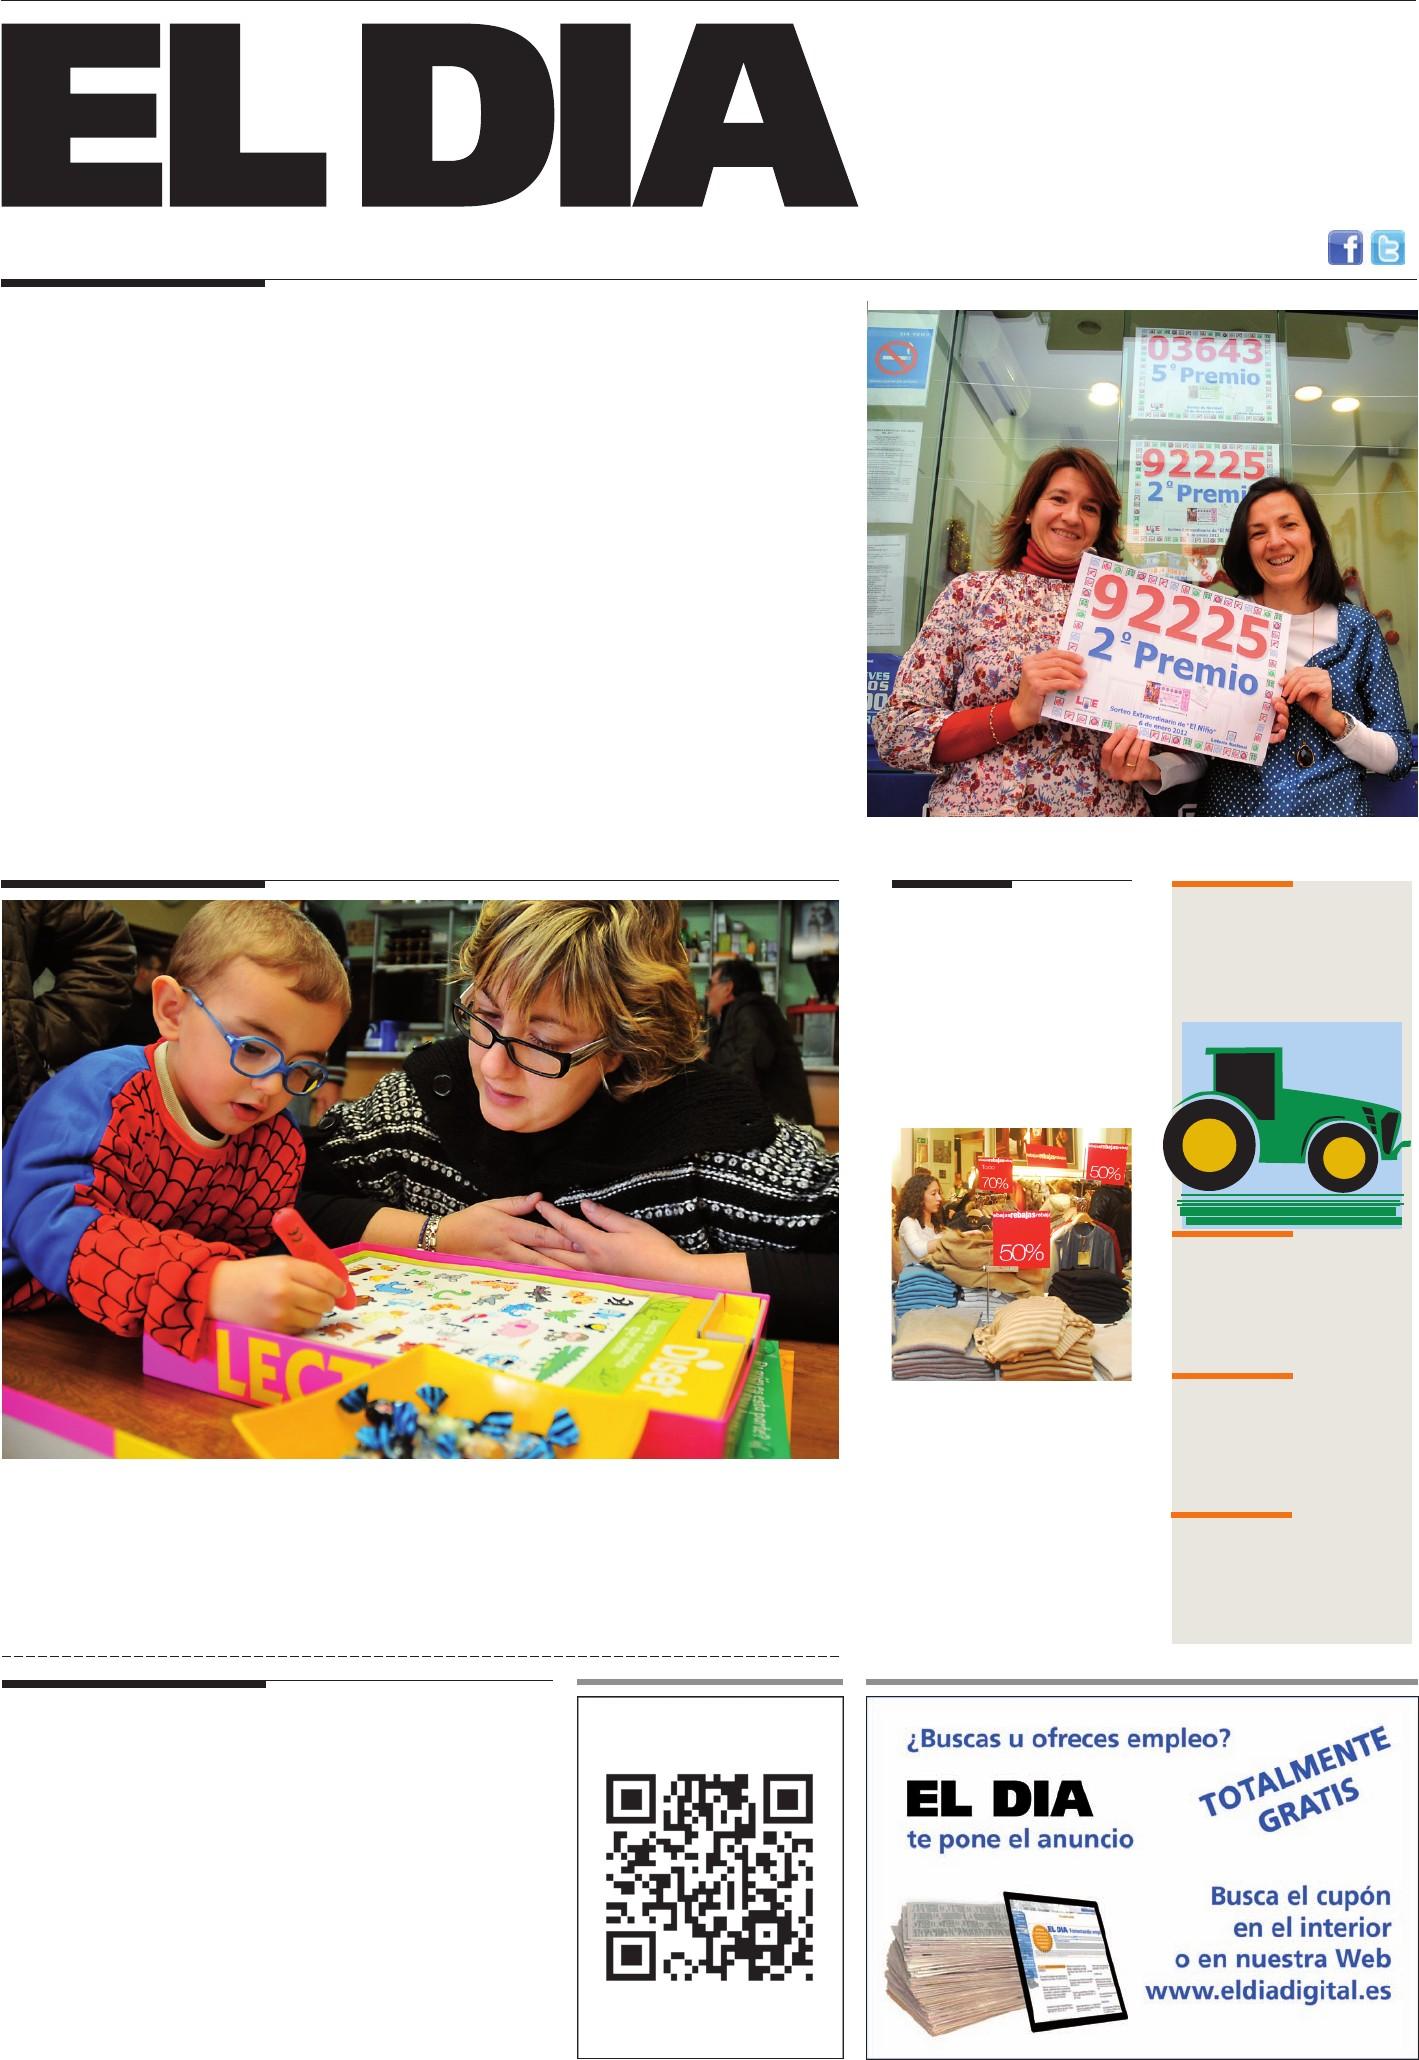 Calendario Escolar 2019 Brasilia Más Actual Guadalajara [pdf Document] Of Calendario Escolar 2019 Brasilia Mejores Y Más Novedosos Memorias De La Décima Conferencia Iberoamericana De Sistemas